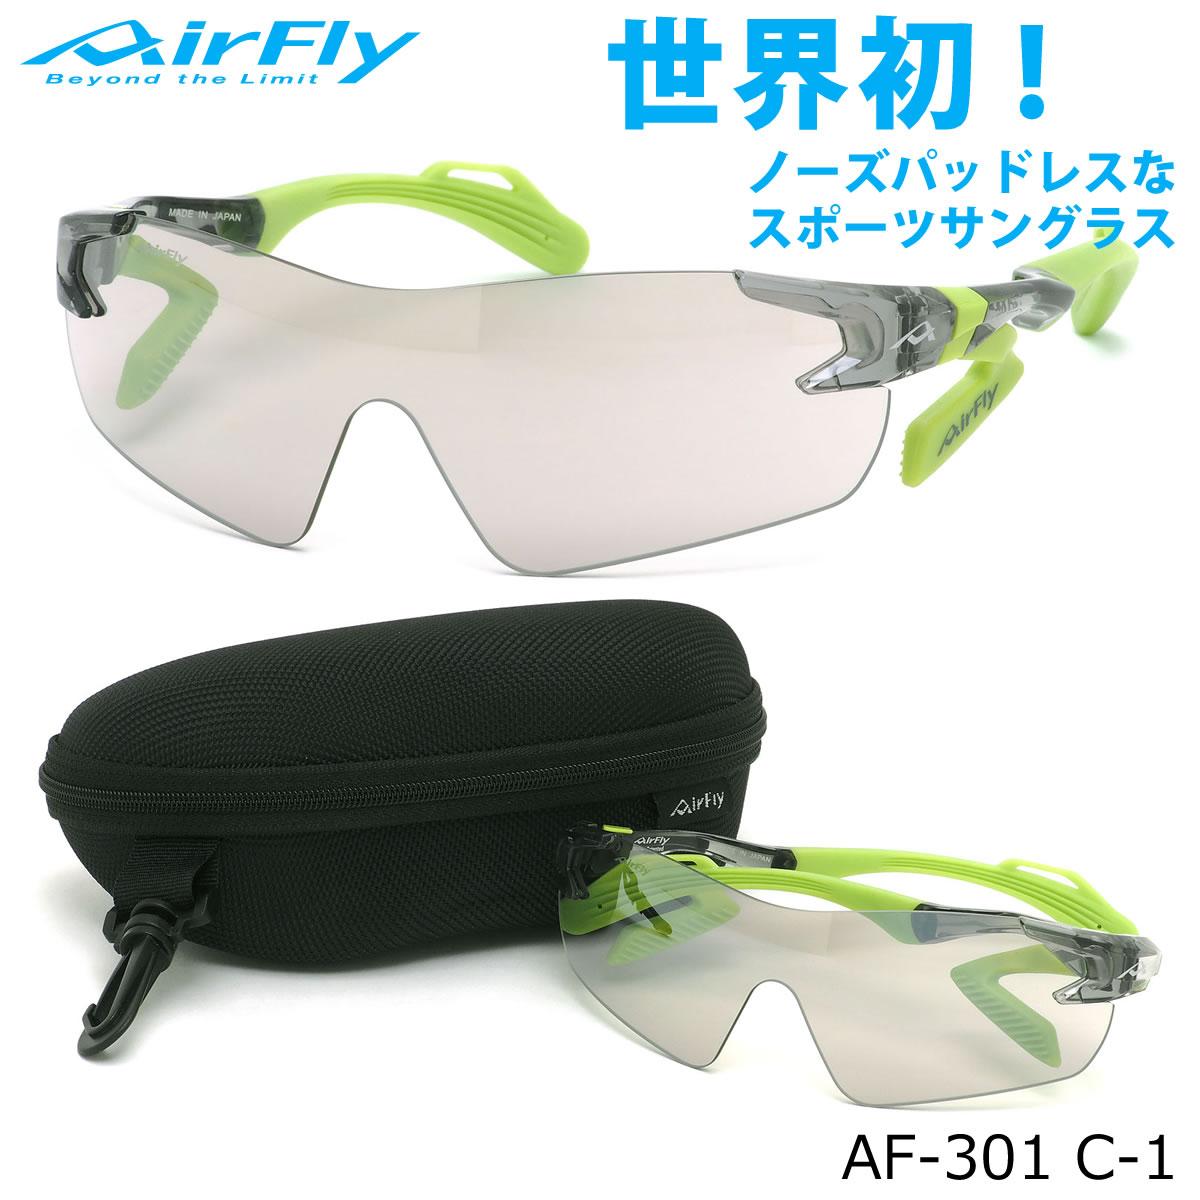 エアフライ AirFly サングラス AF-301 C-1 世界初 ノーズパッドレス スポーツサングラス 1枚レンズ シールドレンズ ACCUMULATOR 特許取得 鼻パッドなし UVカット 軽い 曇らない 日本製 made in japan メンズ レディース